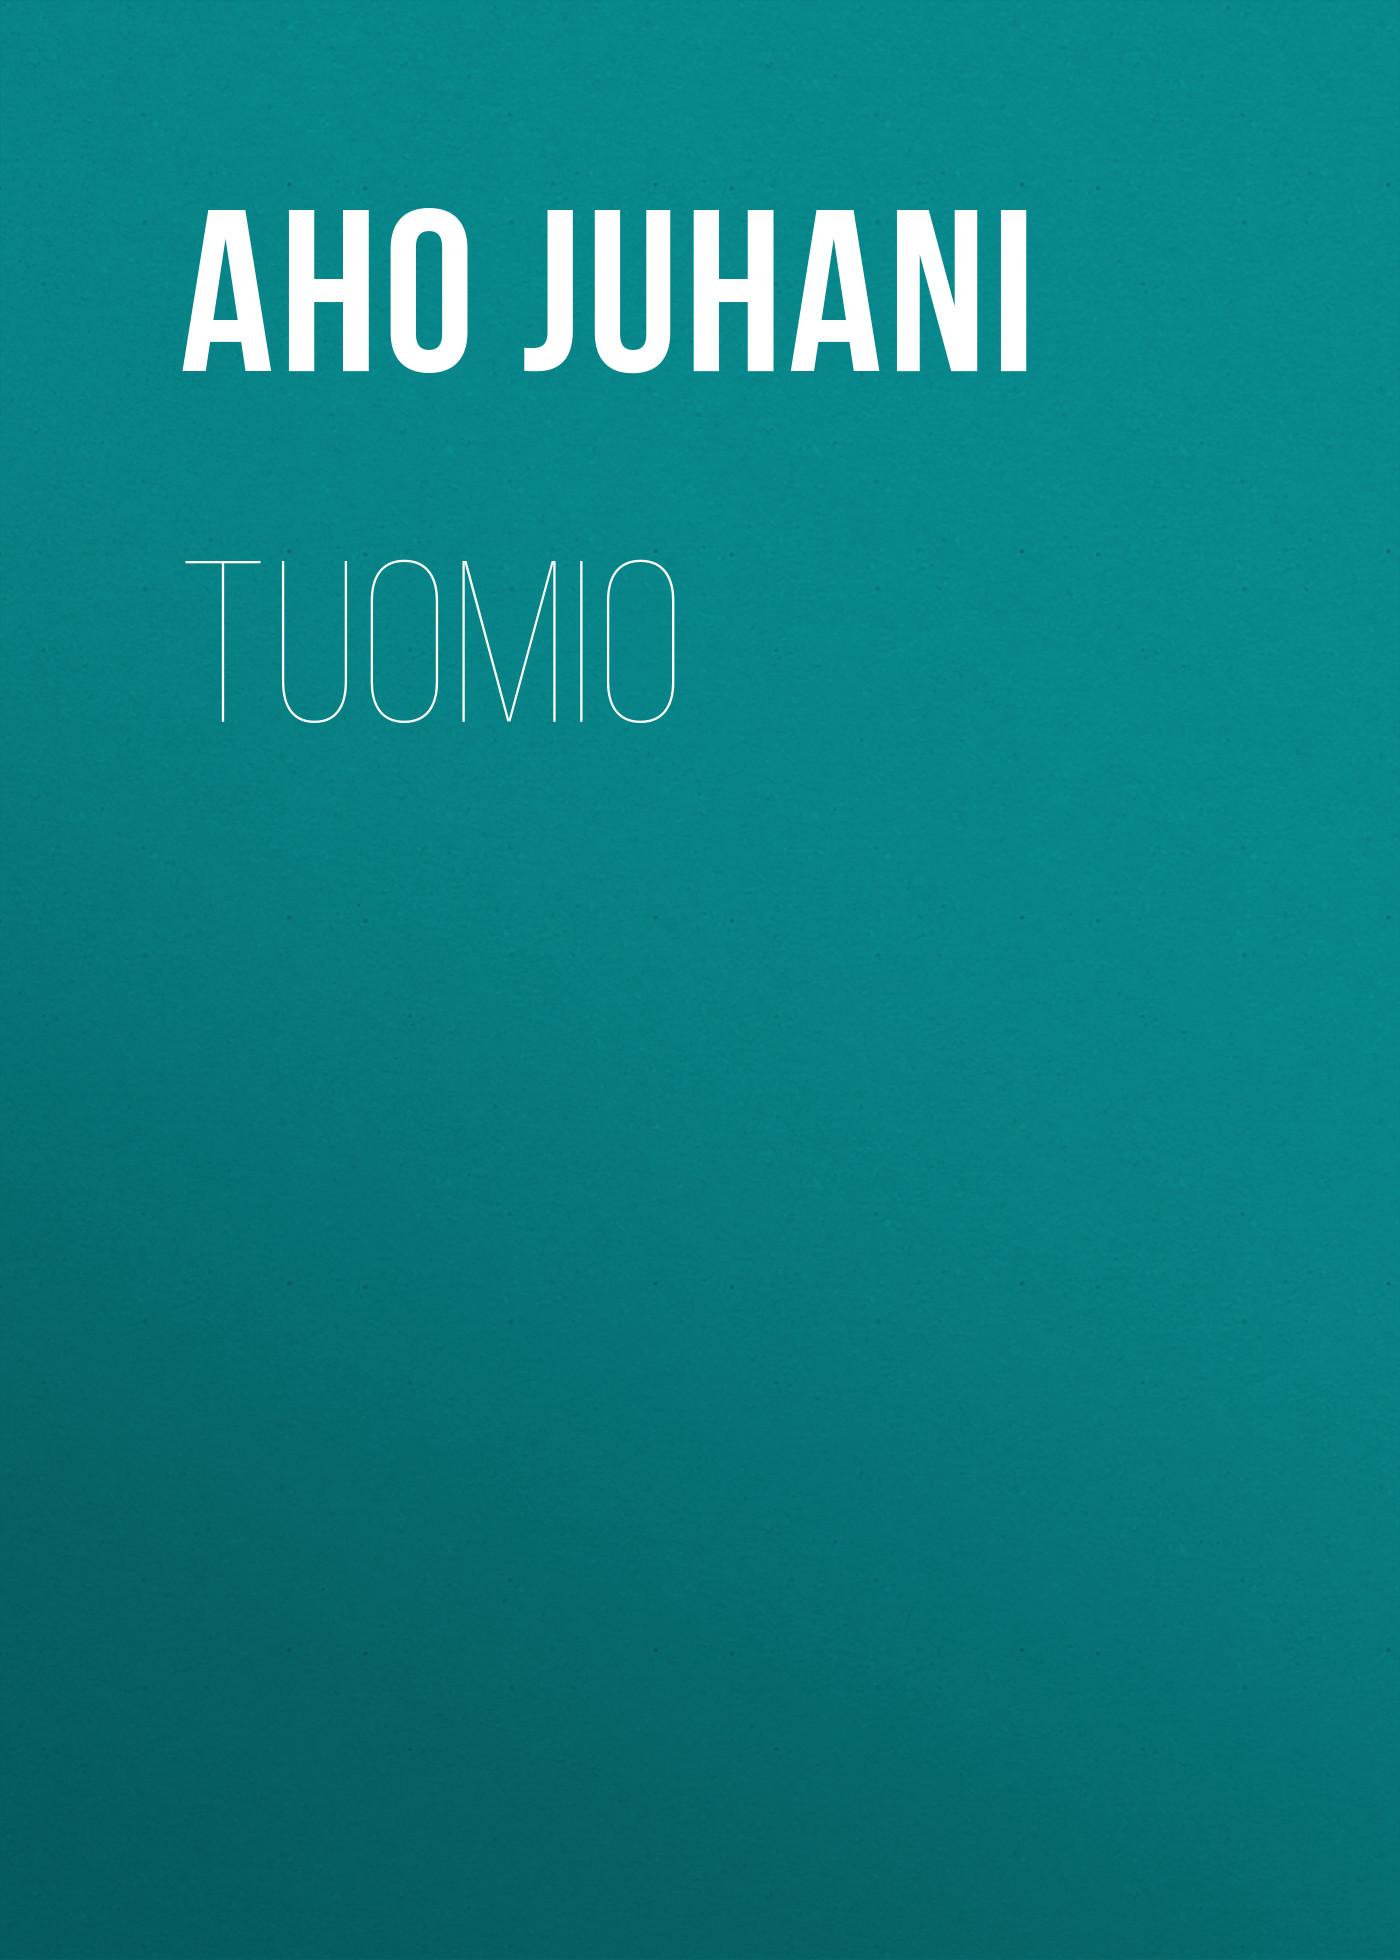 Aho Juhani Tuomio